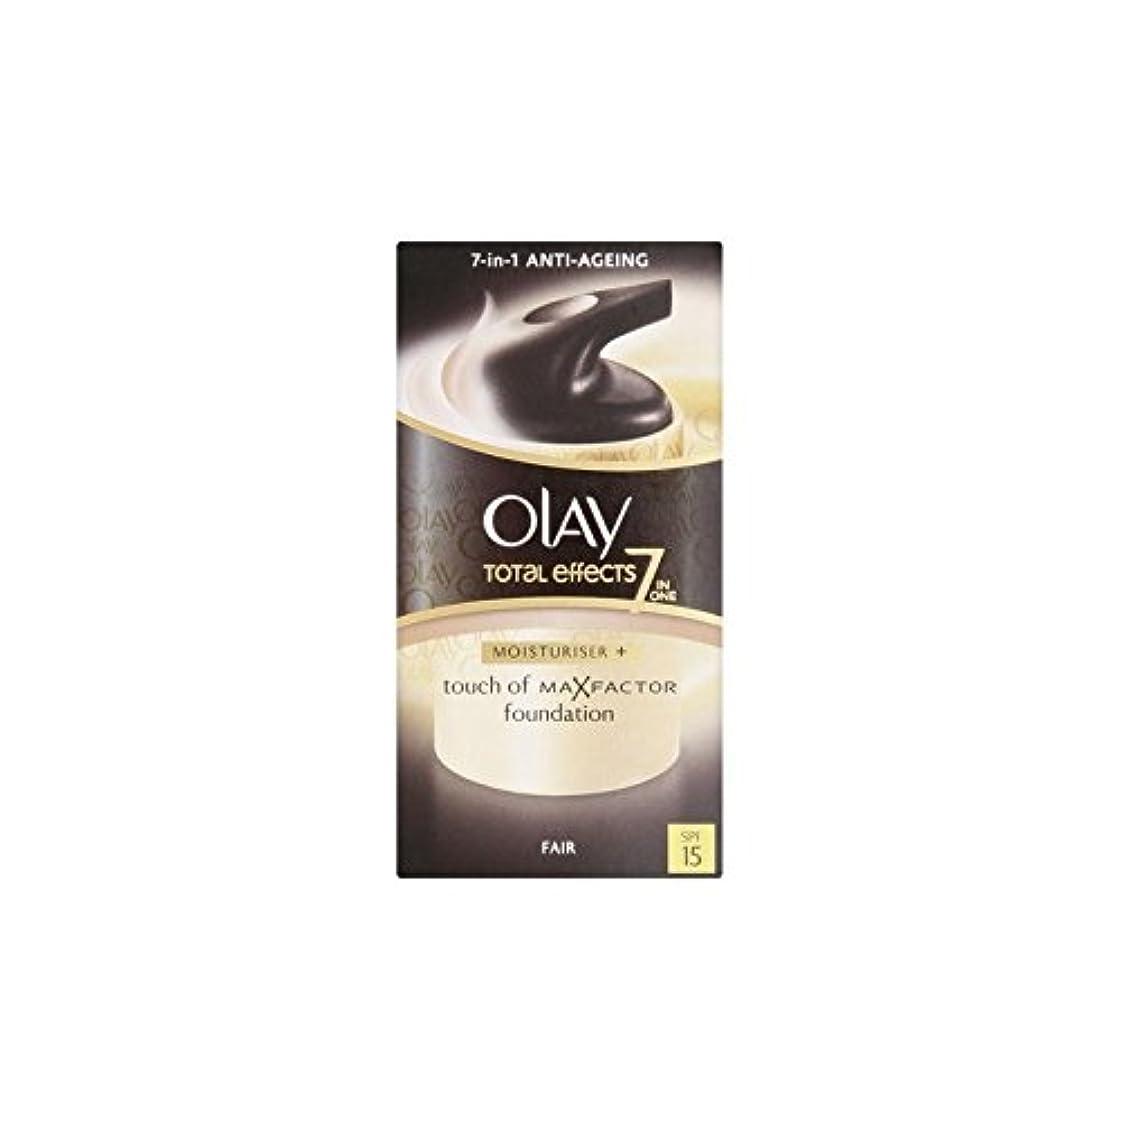 穀物申請中ジョリーオーレイトータルエフェクト保湿クリーム15 - フェア(50ミリリットル) x4 - Olay Total Effects Moisturiser Bb Cream Spf15 - Fair (50ml) (Pack of 4) [並行輸入品]